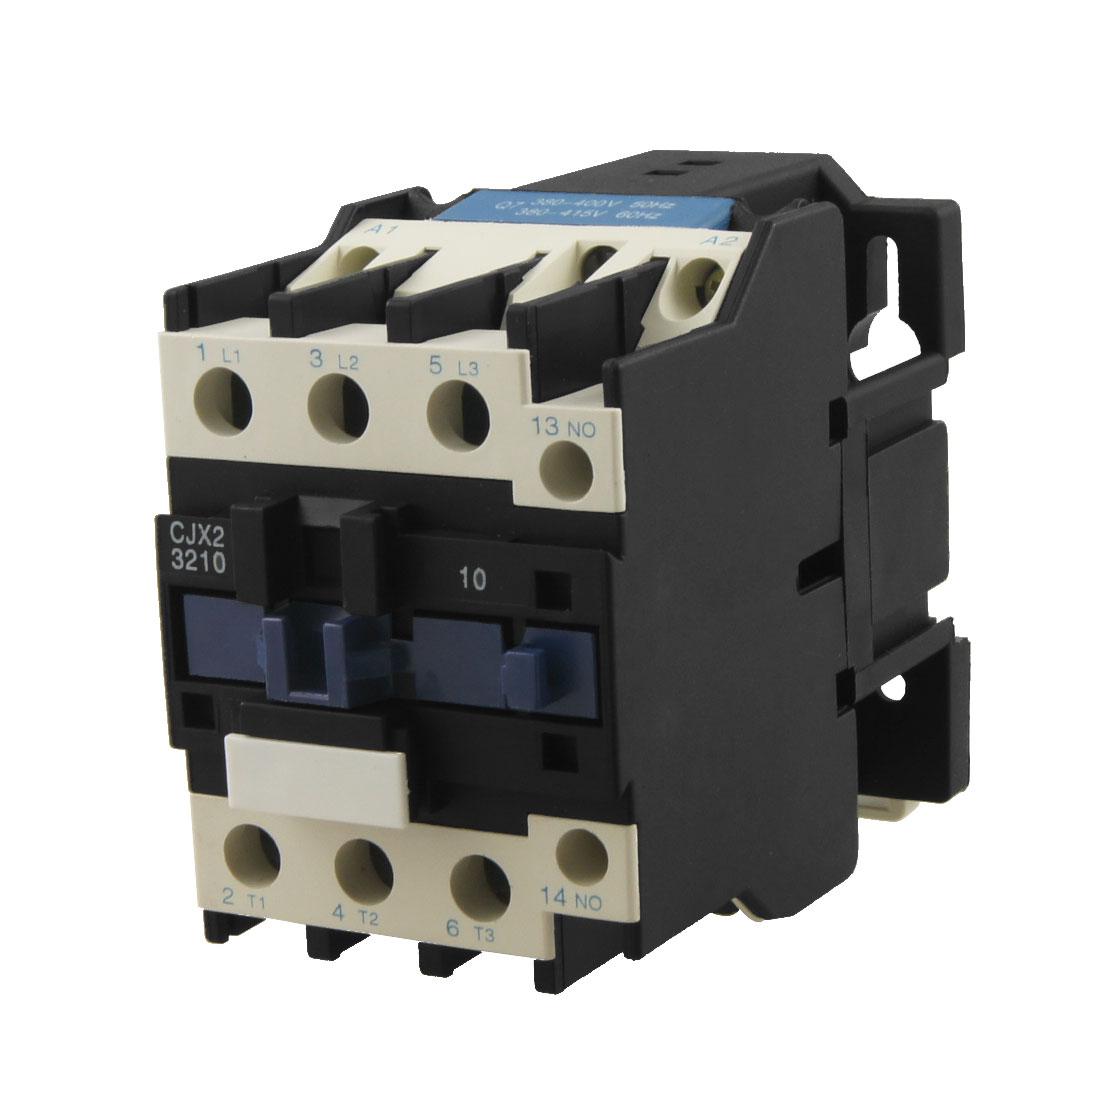 CJX2-3210 DIN Rail Mount Contactor 32A 3 Poles NO AC Coil 380 Volts